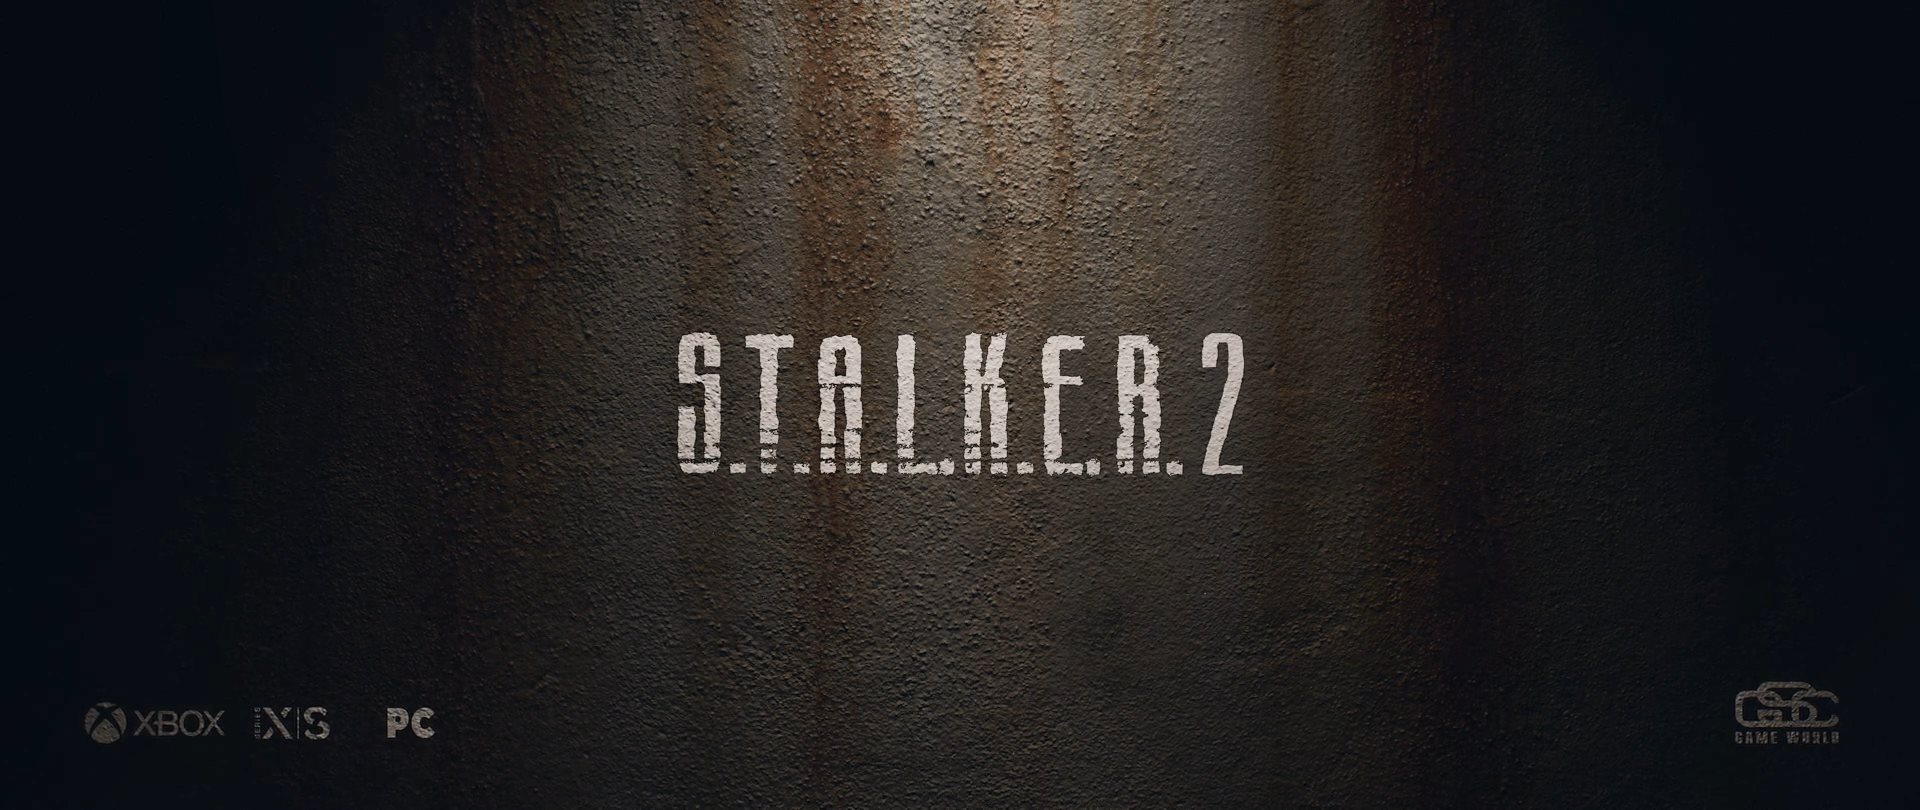 《潜行者2》发布实机预告片 展现细腻光影效果